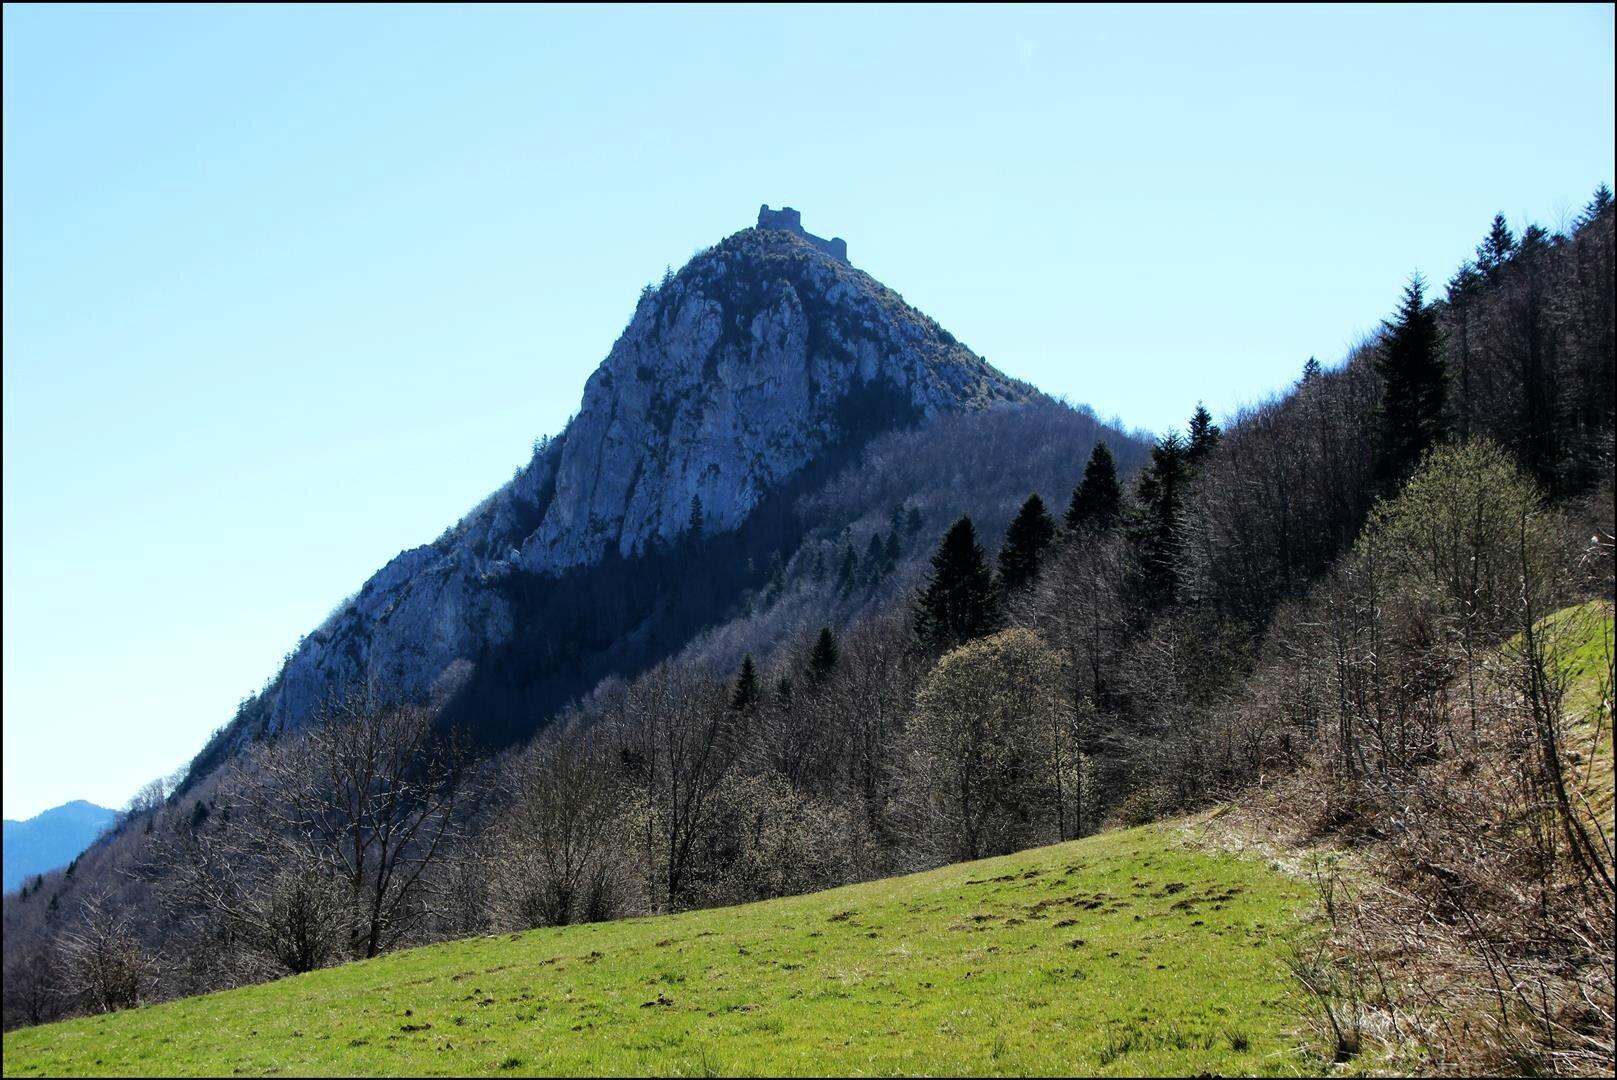 Un incontournable du Pays Cathare, Montségur.